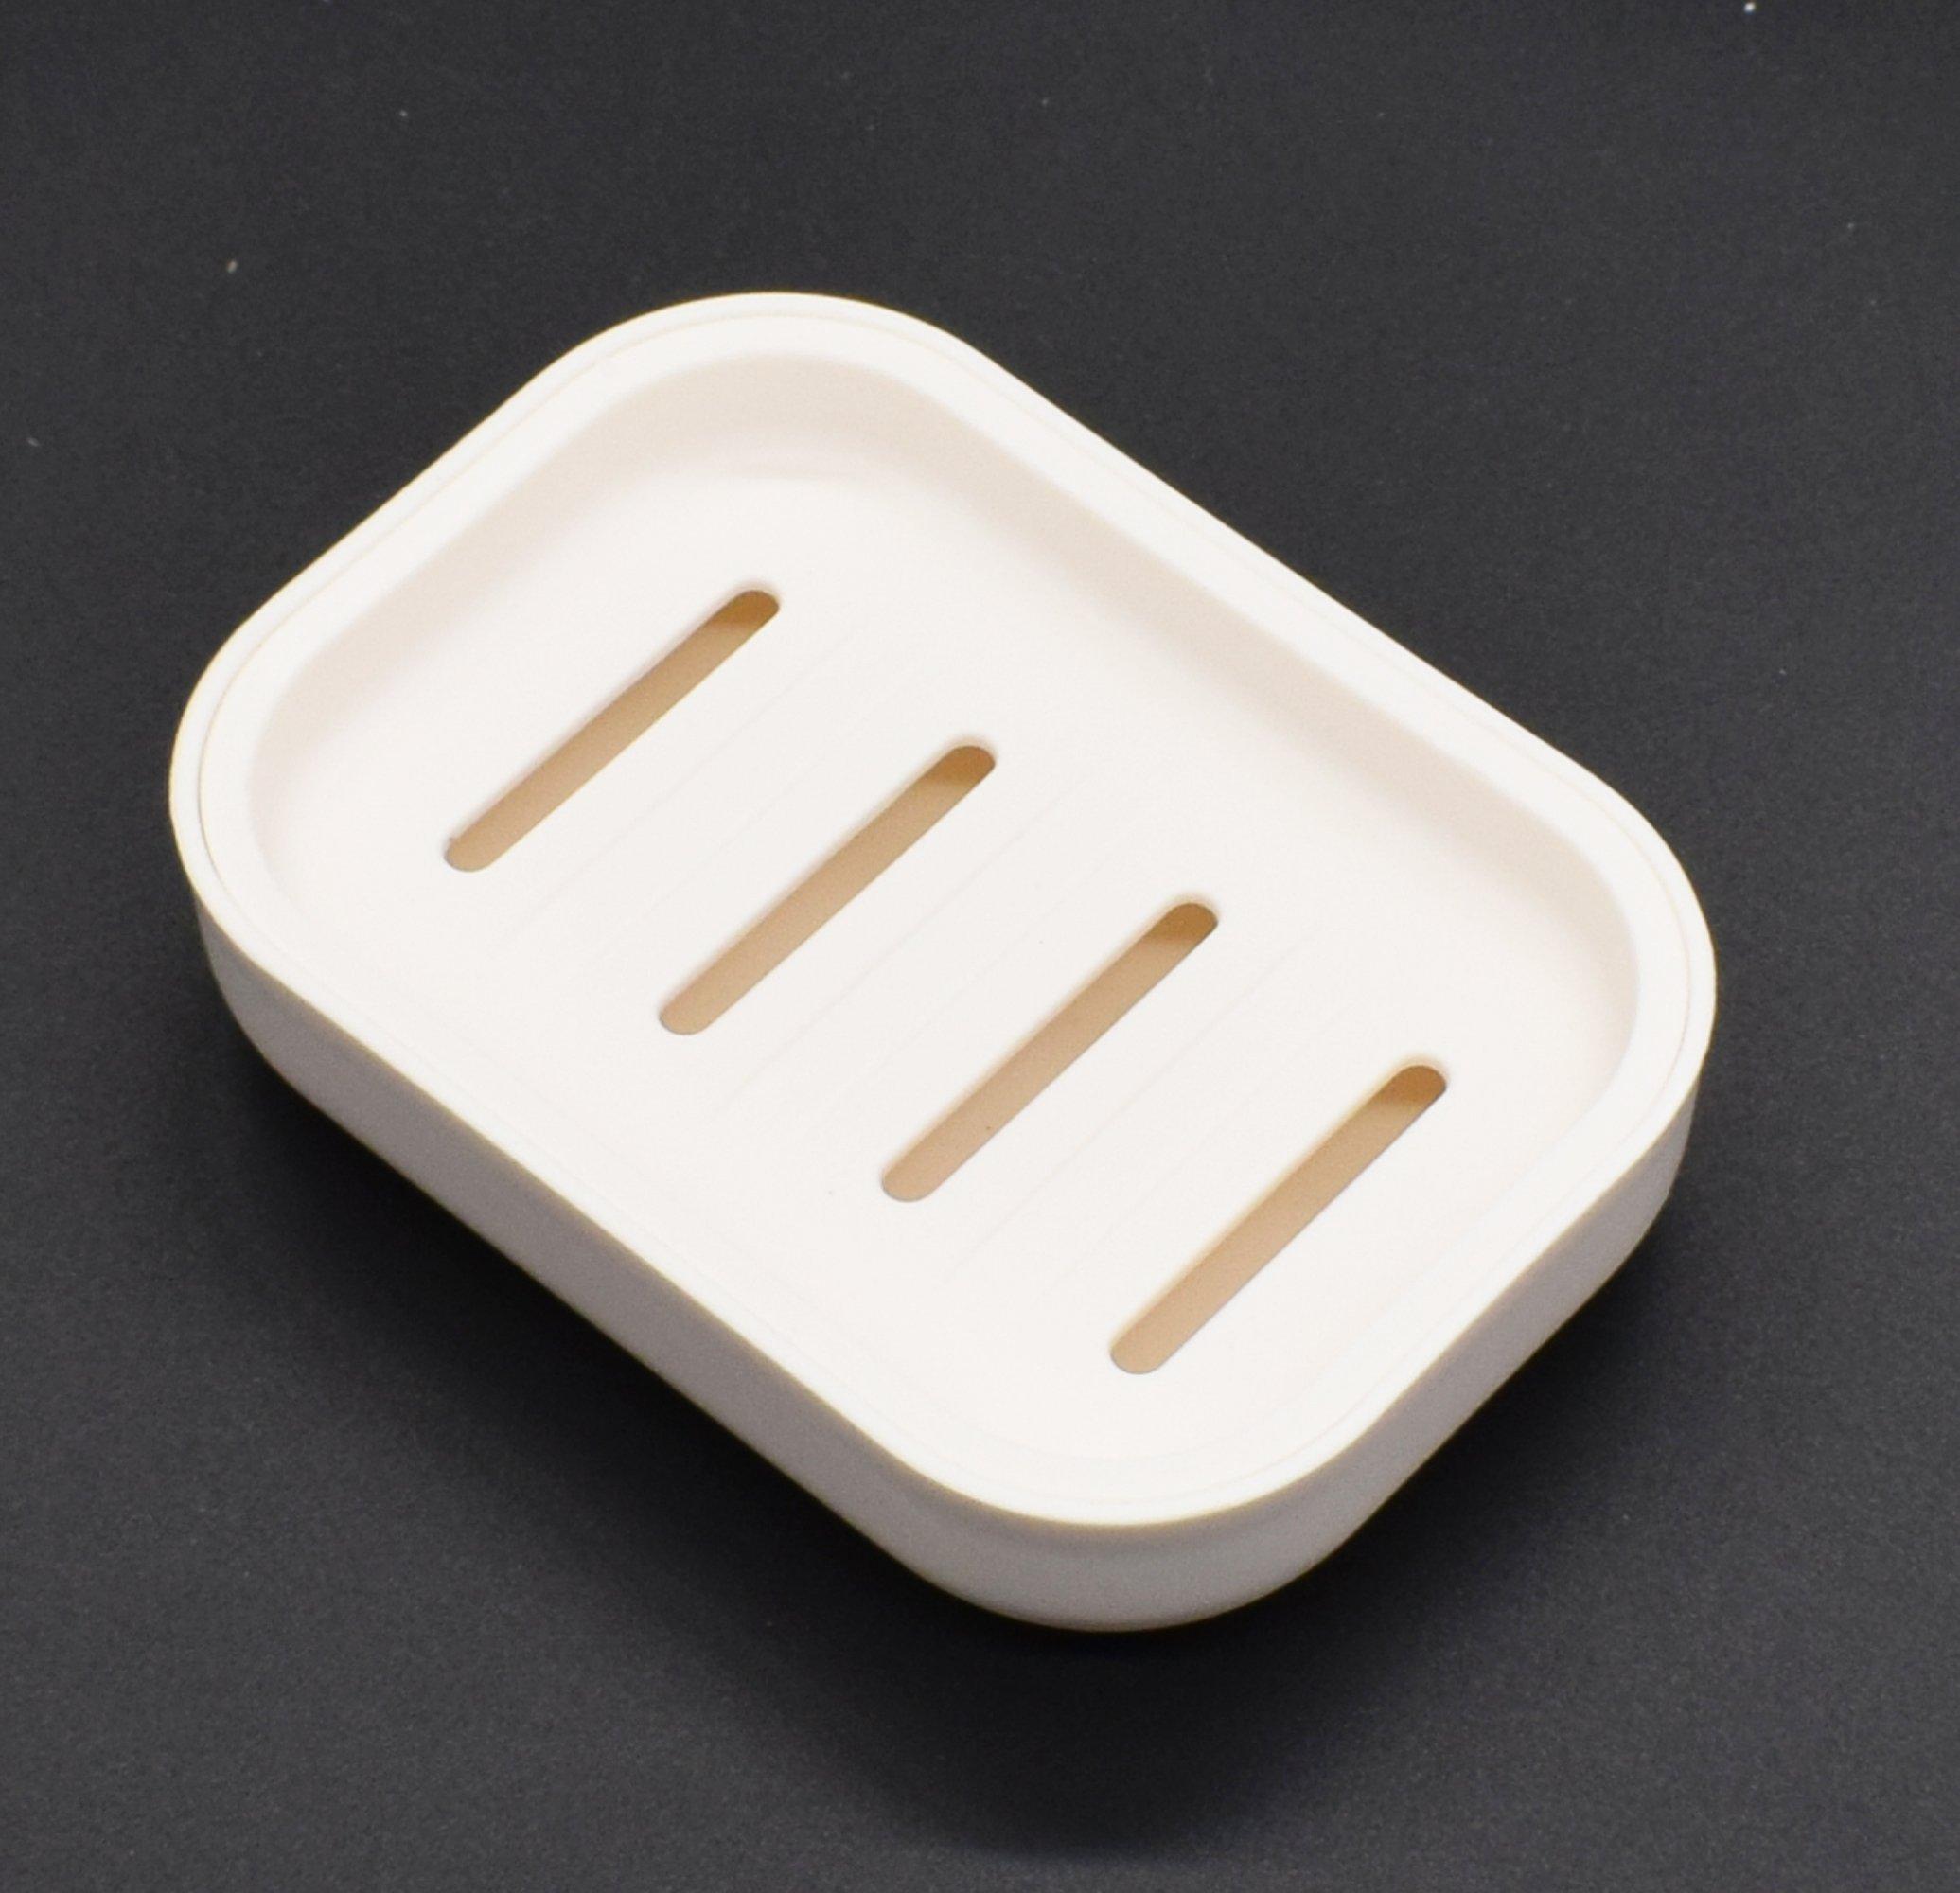 per bagno e cucina White Aixin Portasapone moderno in plastica